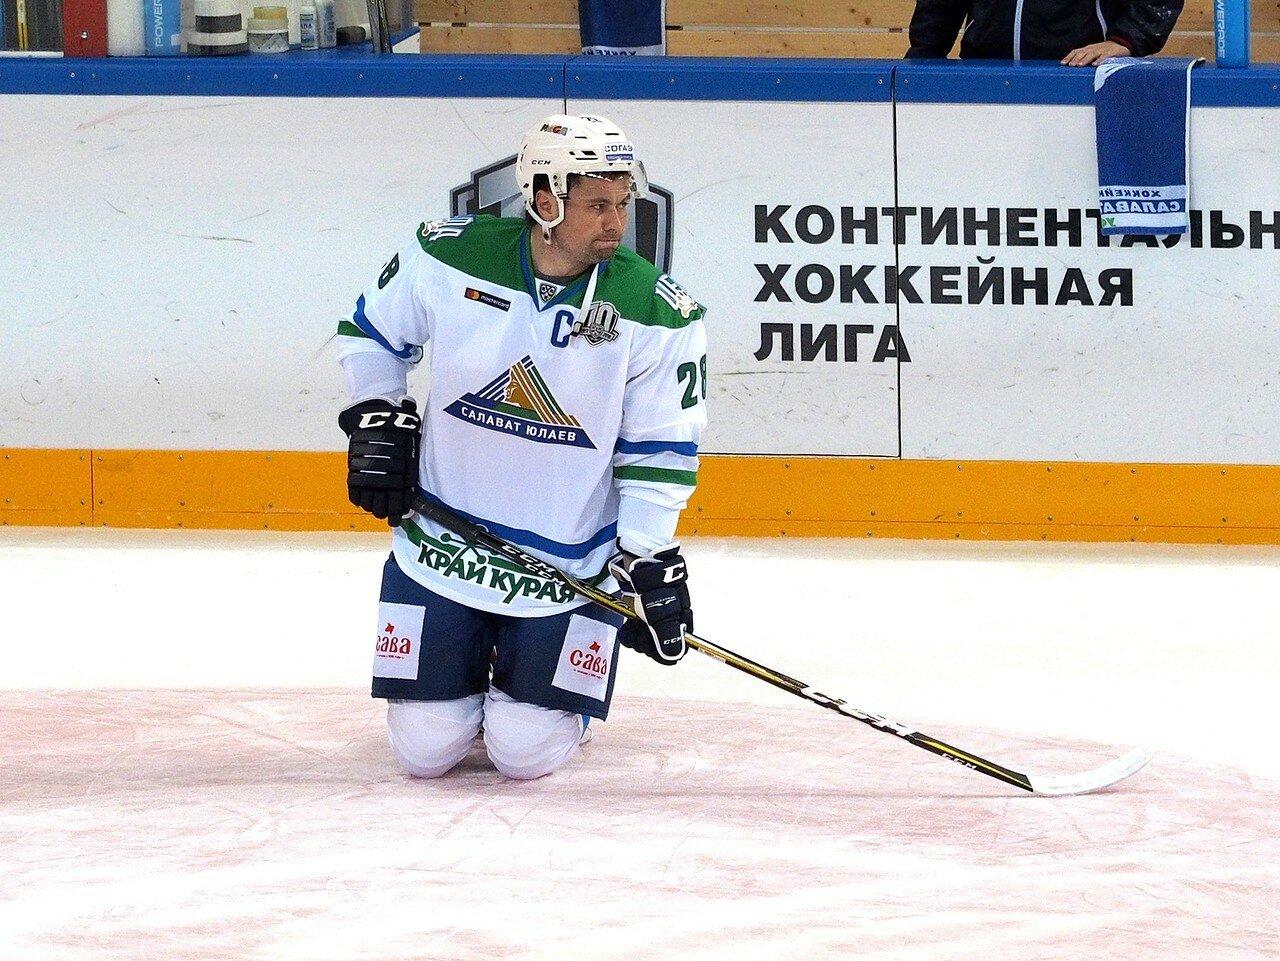 48 Металлург - Салават Юлаев 23.09.2017